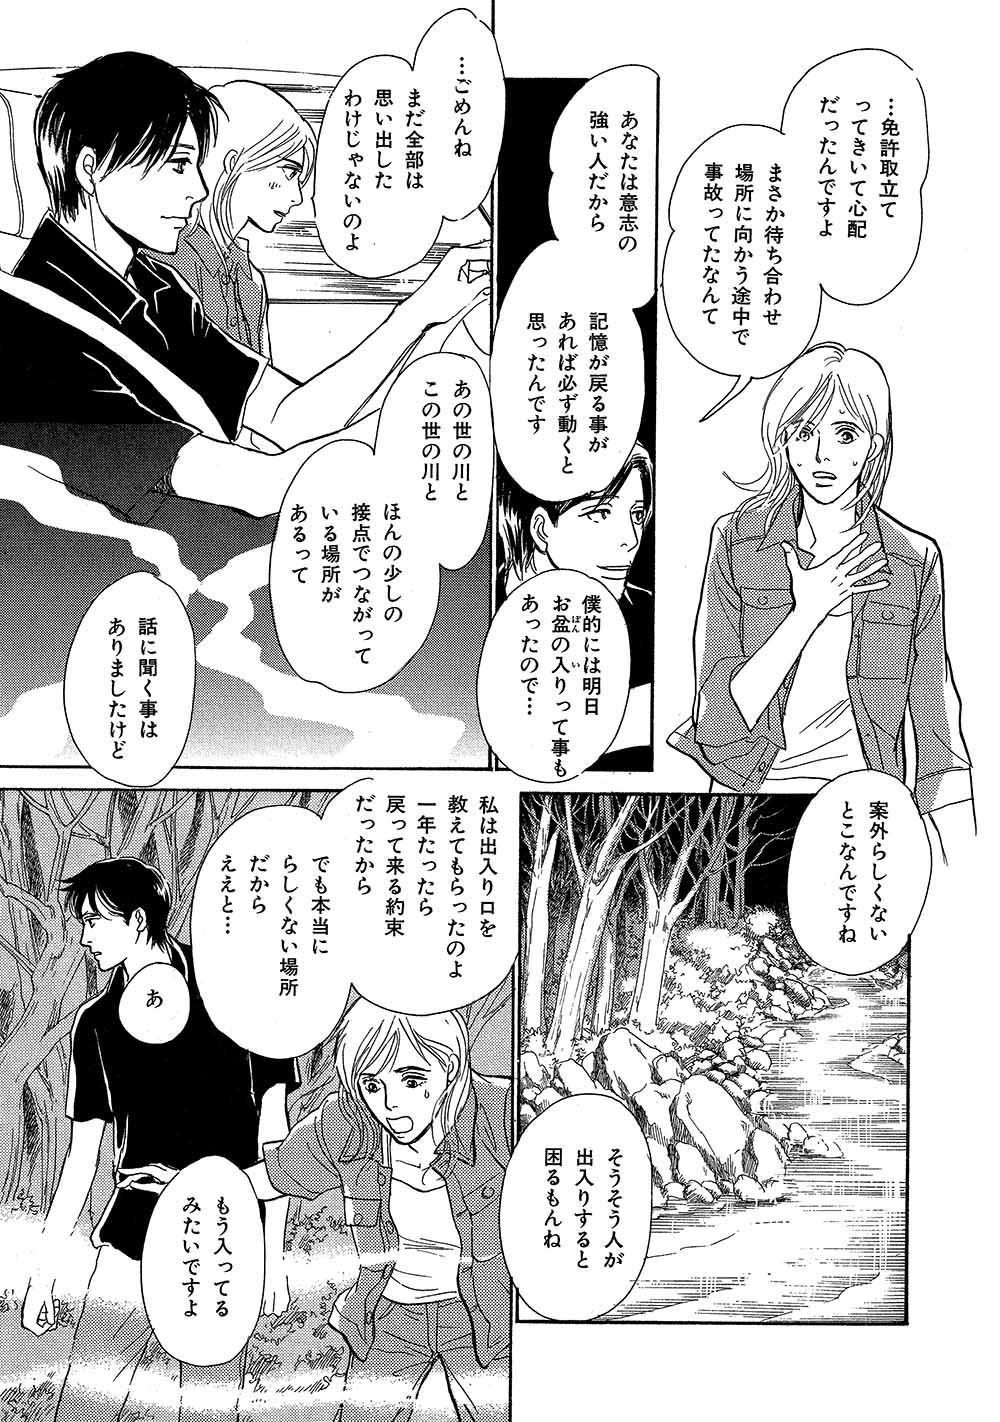 hyakki_0016_0091.jpg